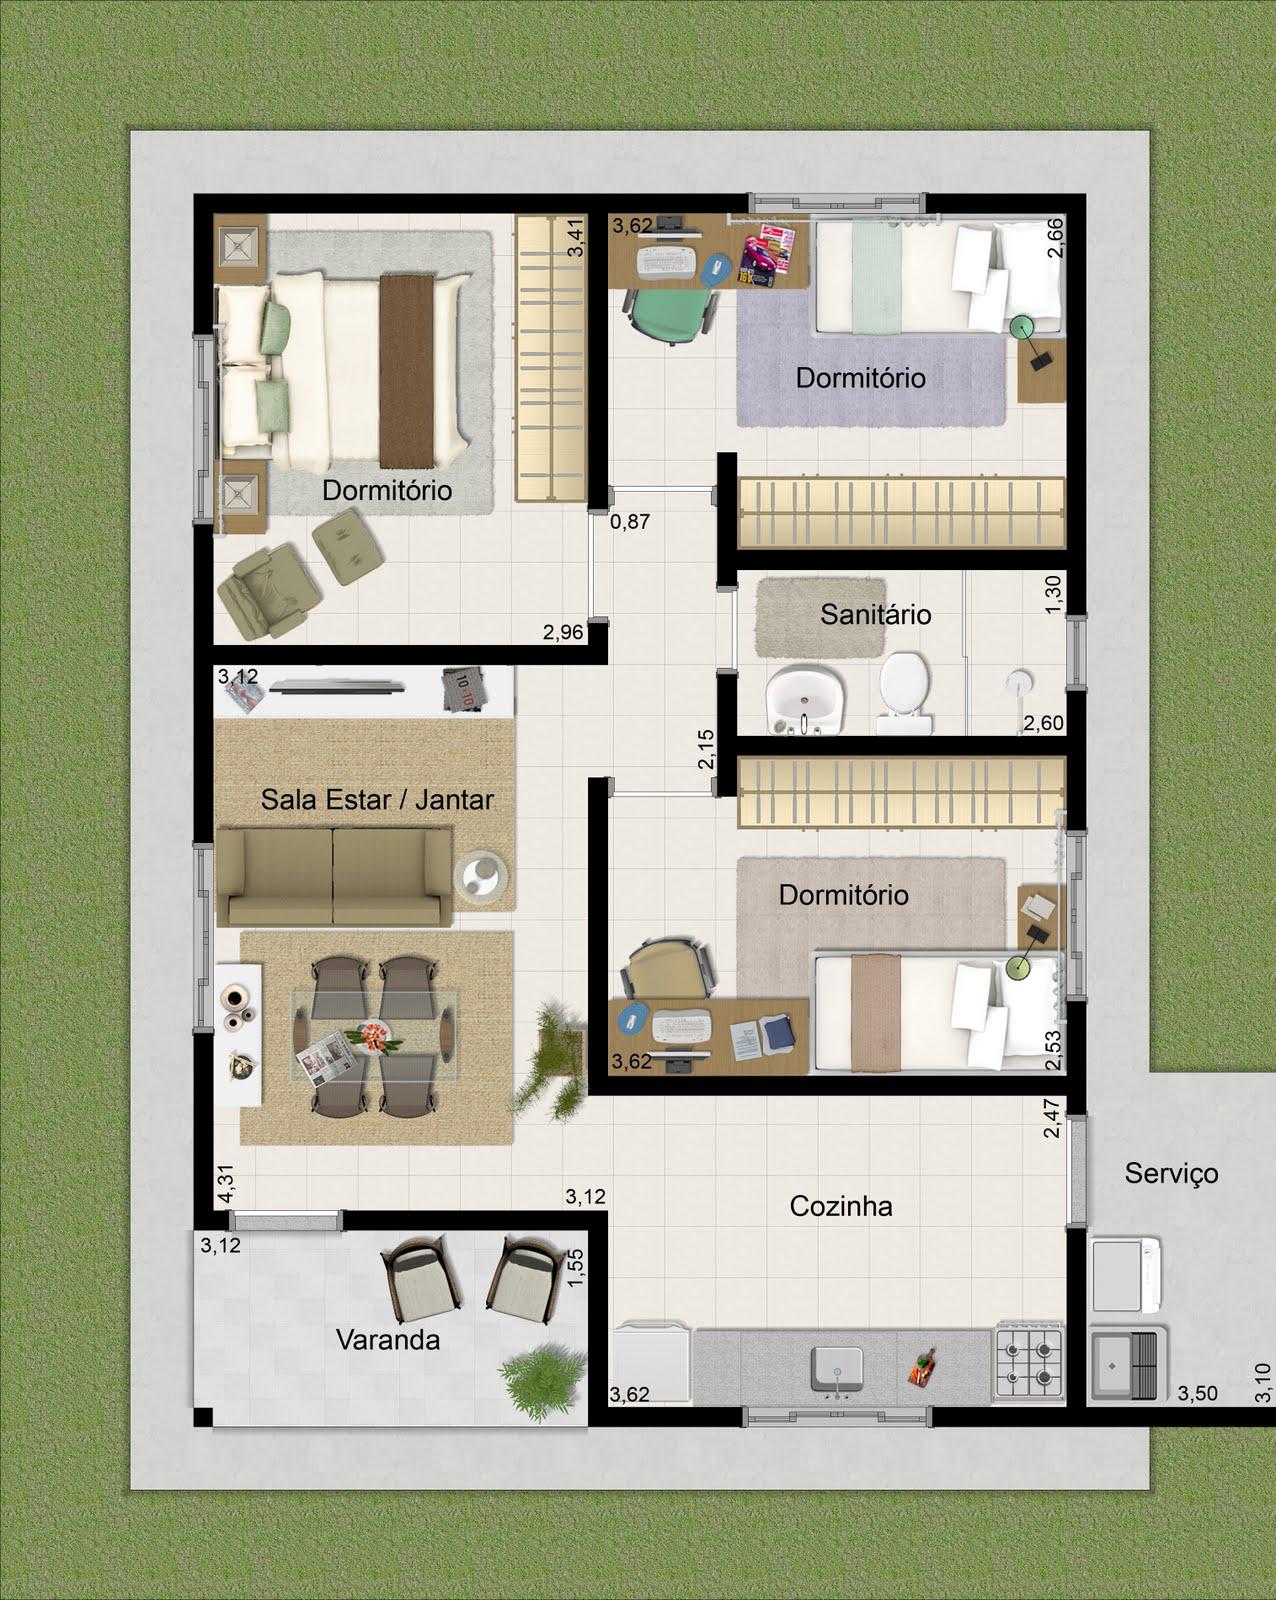 Projetos de casas simples: 15 modelos #506122 1276 1600